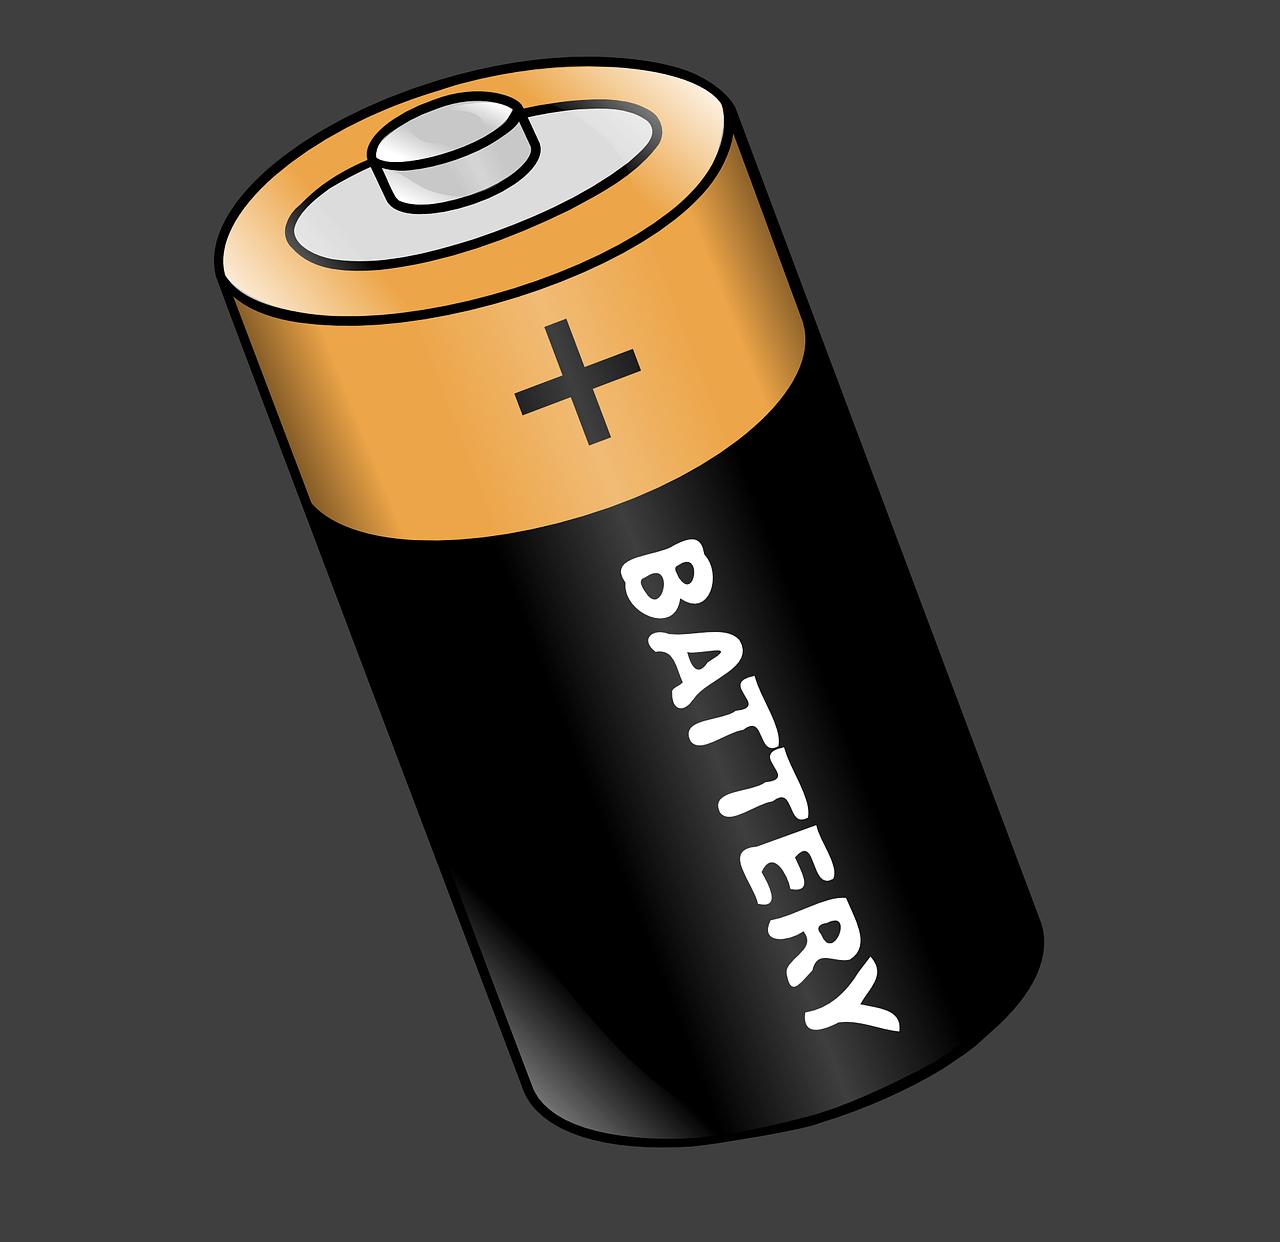 Ladda upp med batterier